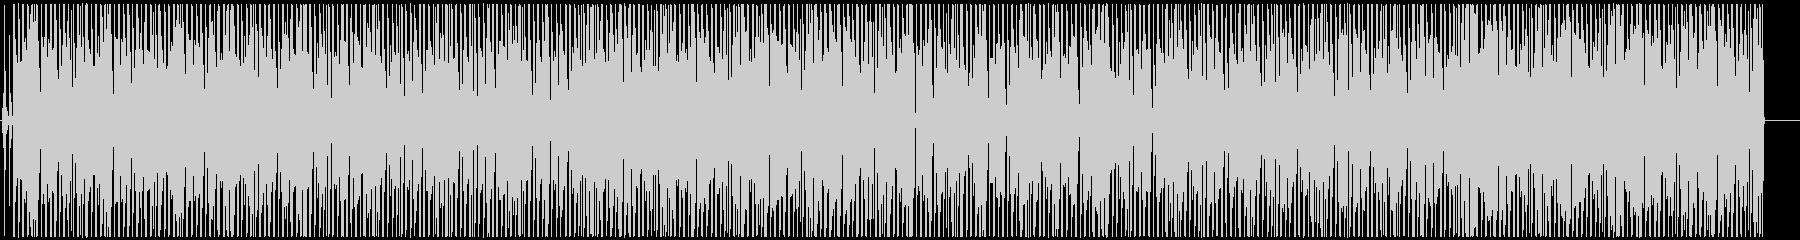 レゲエ ほのぼの明るいステッパーズ の未再生の波形